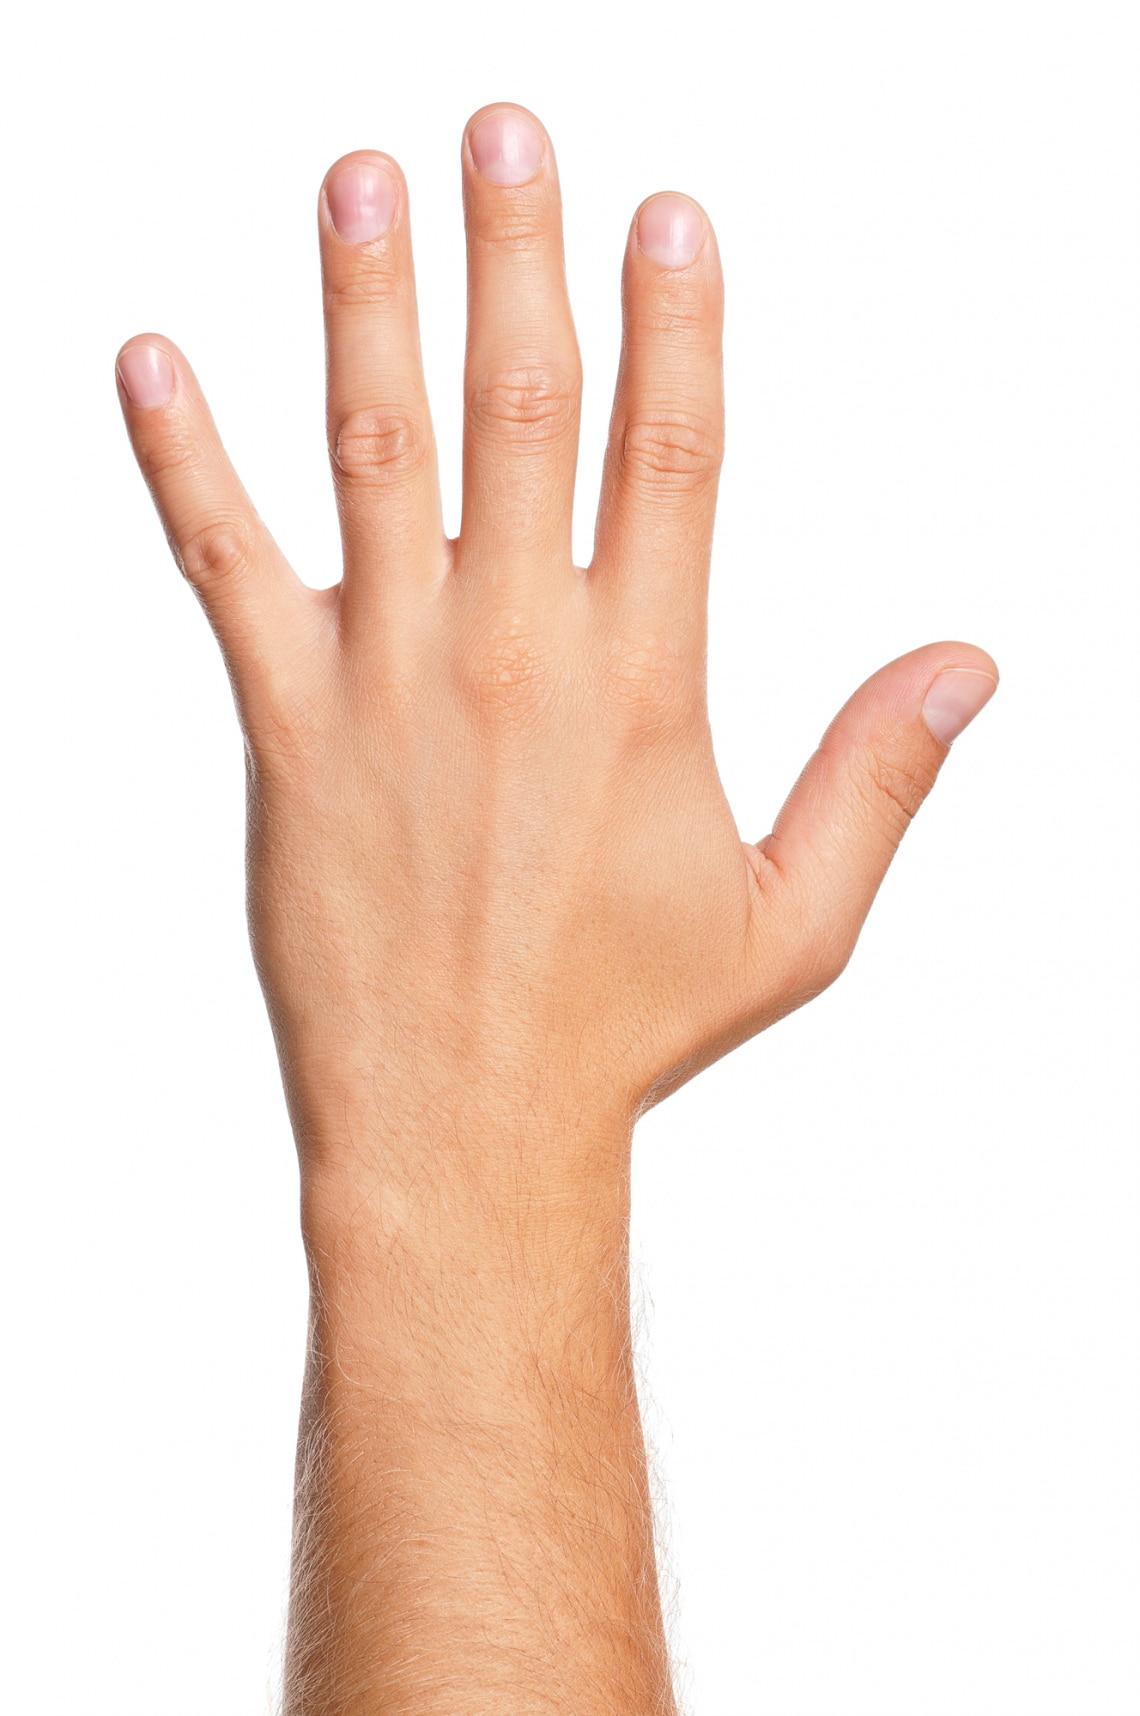 A szögletes kéz